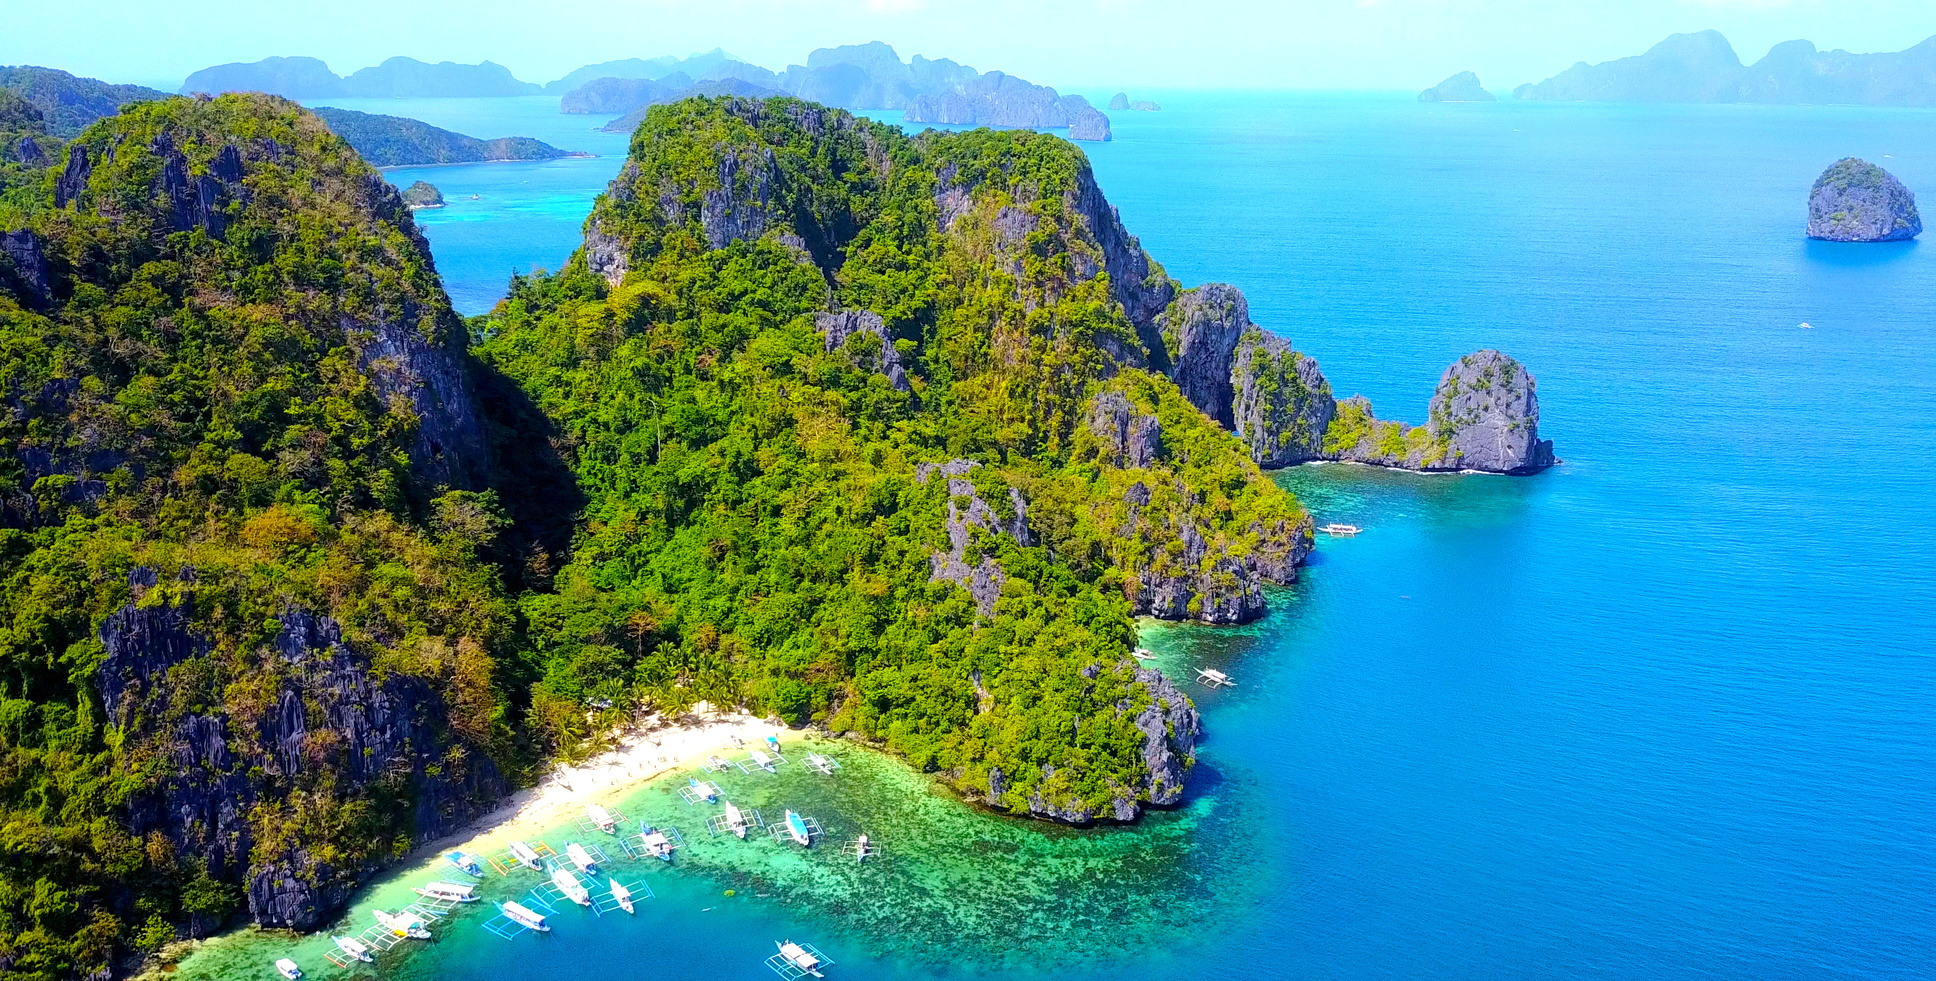 Nasze bezpieczne biuro podróży Logos Travel oferuje Państwu wycieczki na trasie Filipiny – Borneo – Brunei.